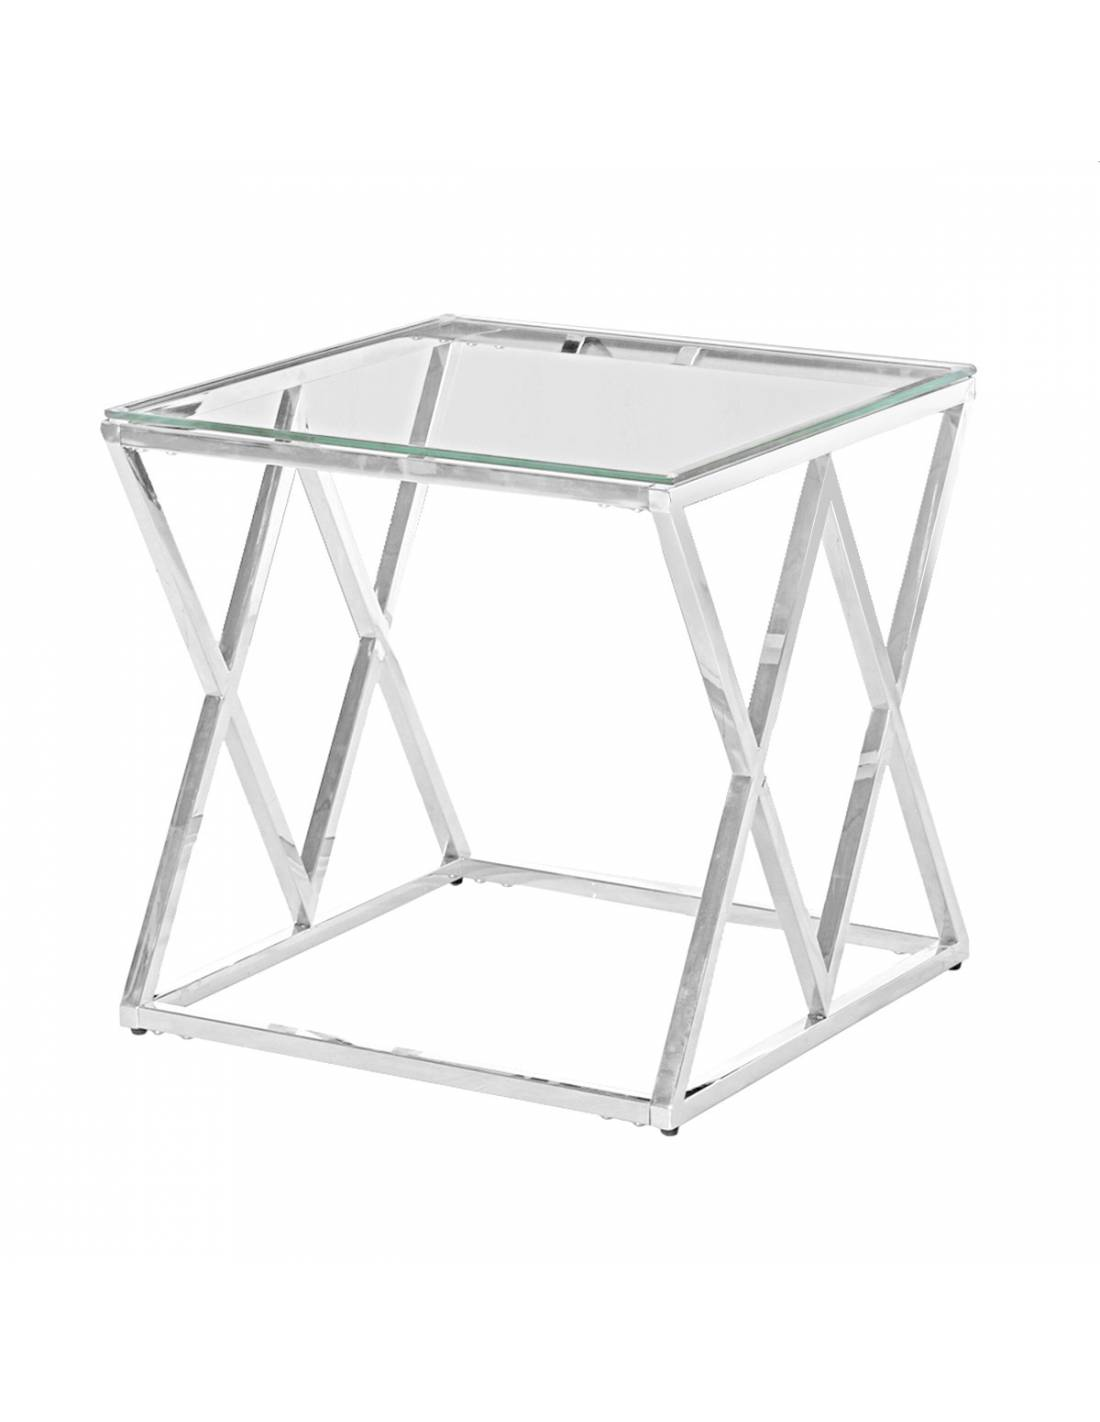 Srebrny stolik kawowy z przeźroczystym szklanym blatem